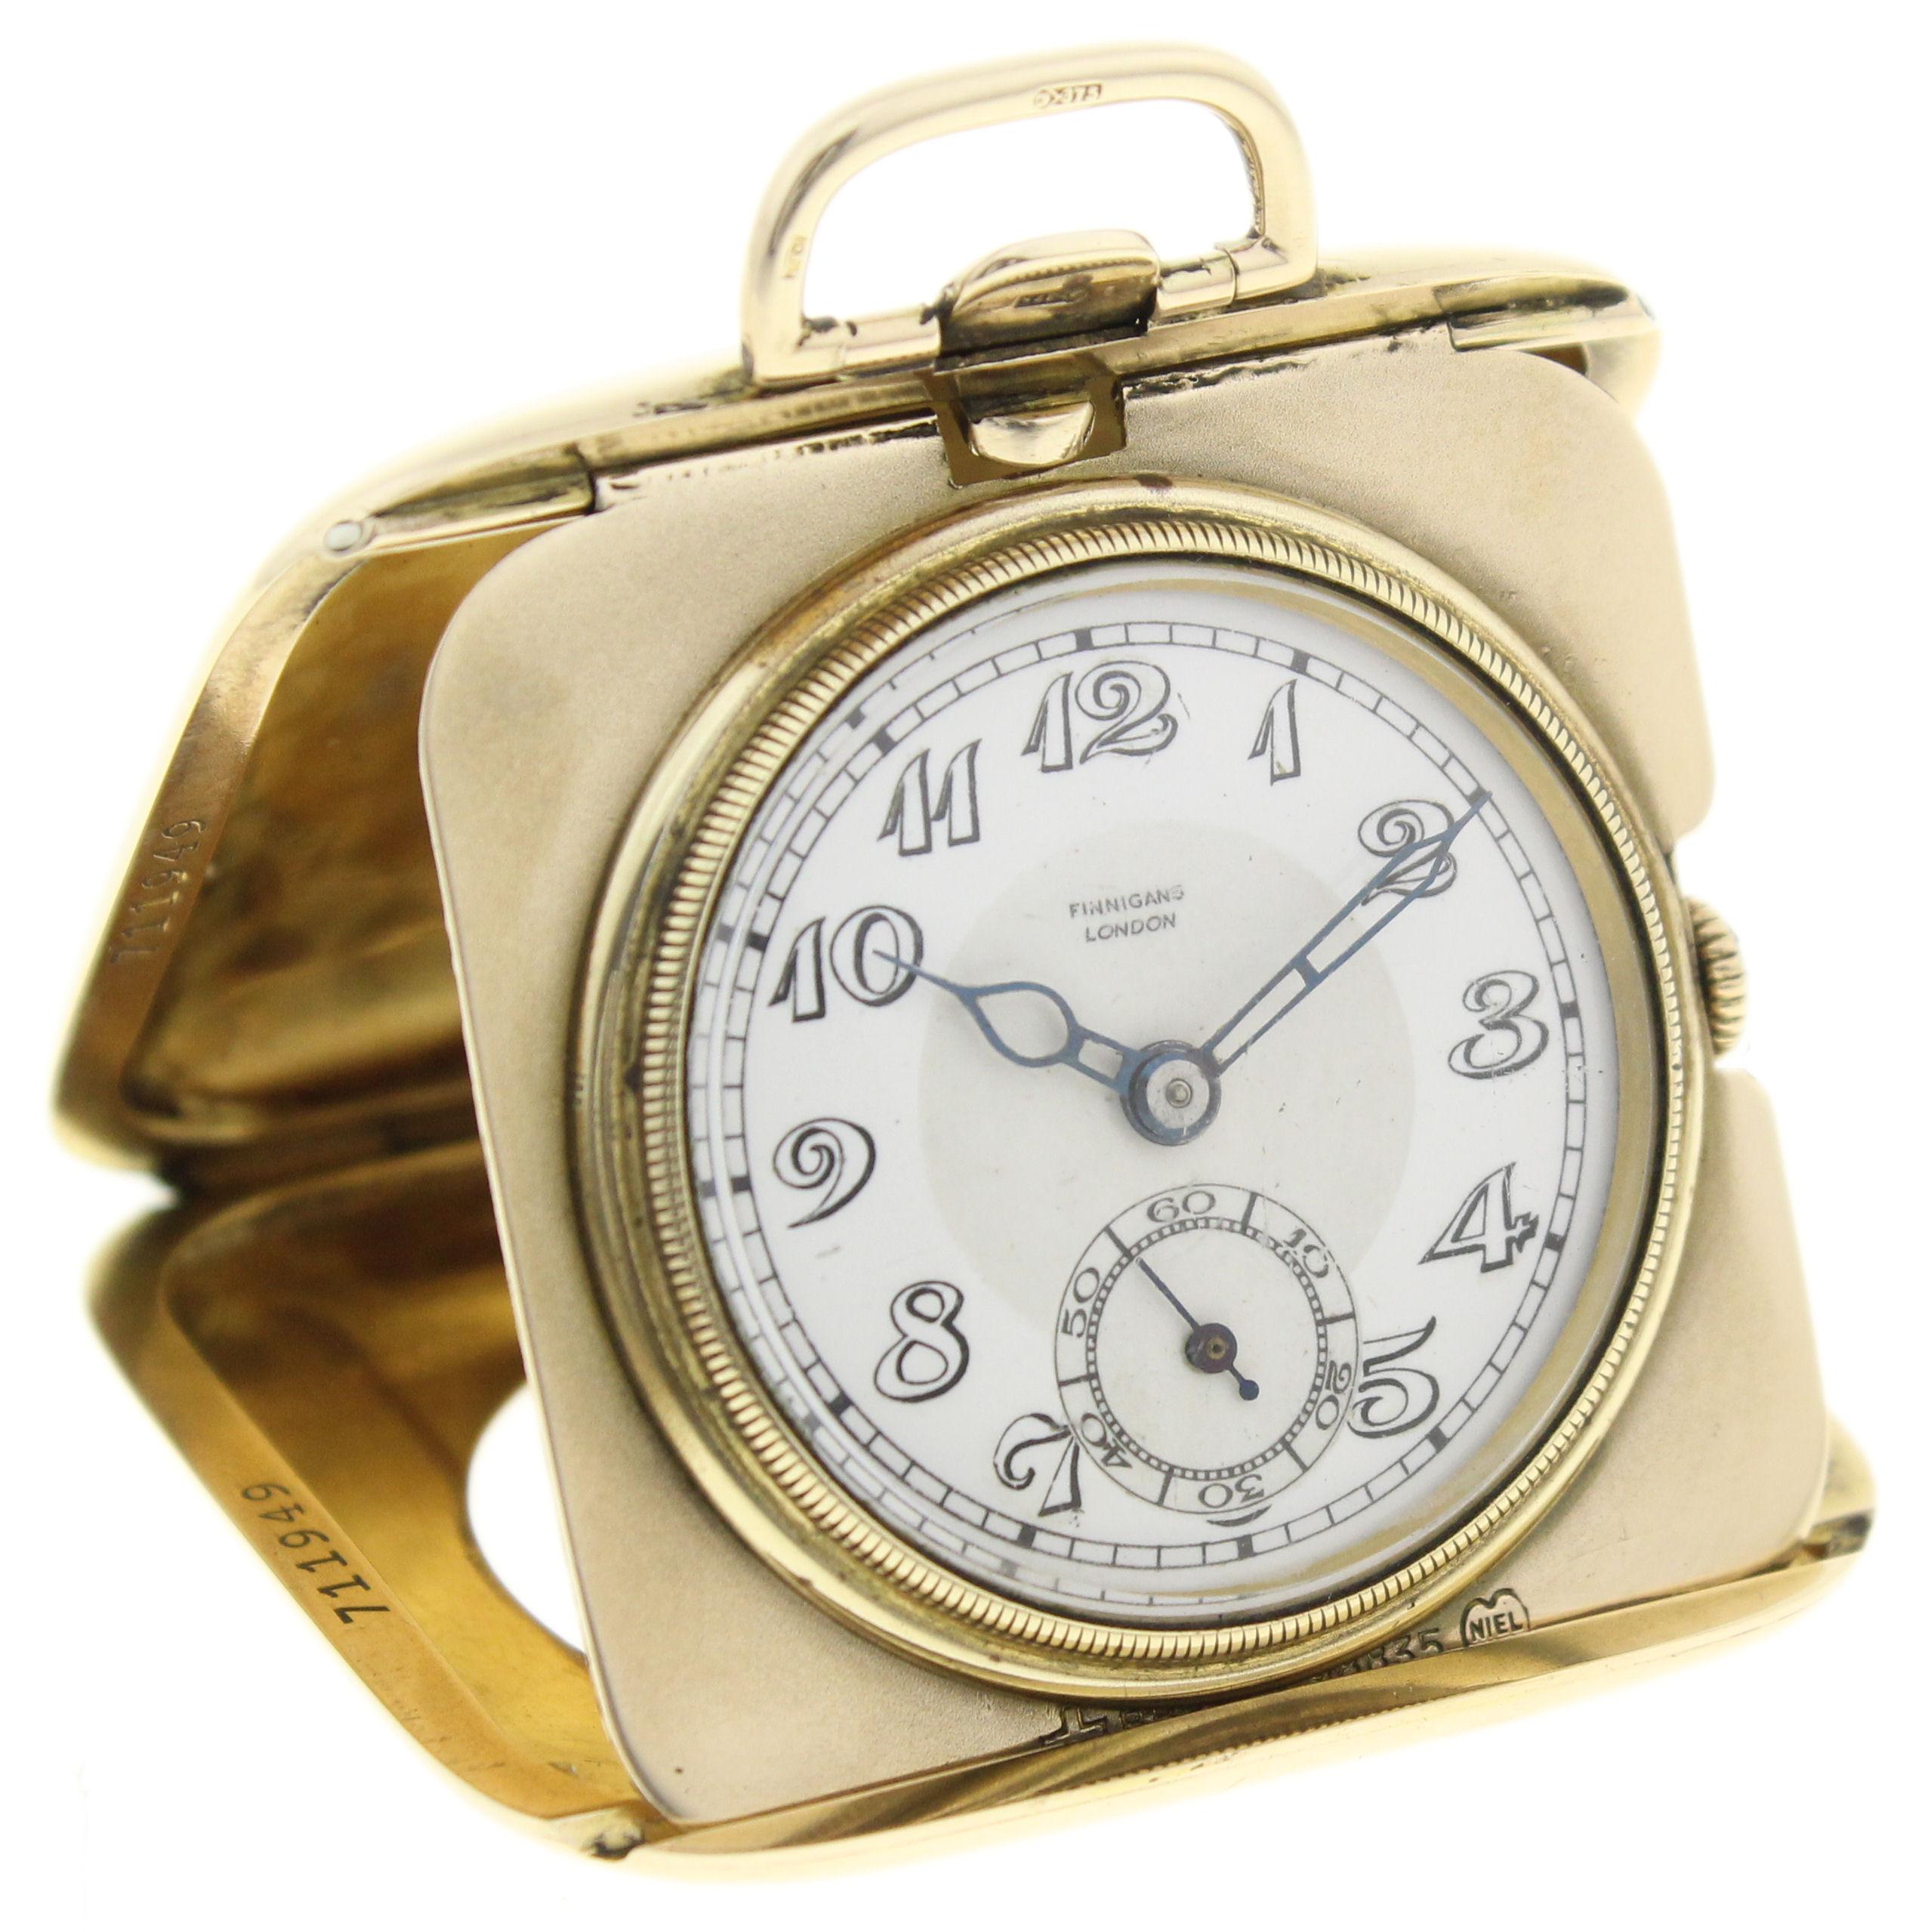 finnigans london 9ct gold reisetaschenuhr sehr selten aus den 20 30er jahren ebay. Black Bedroom Furniture Sets. Home Design Ideas